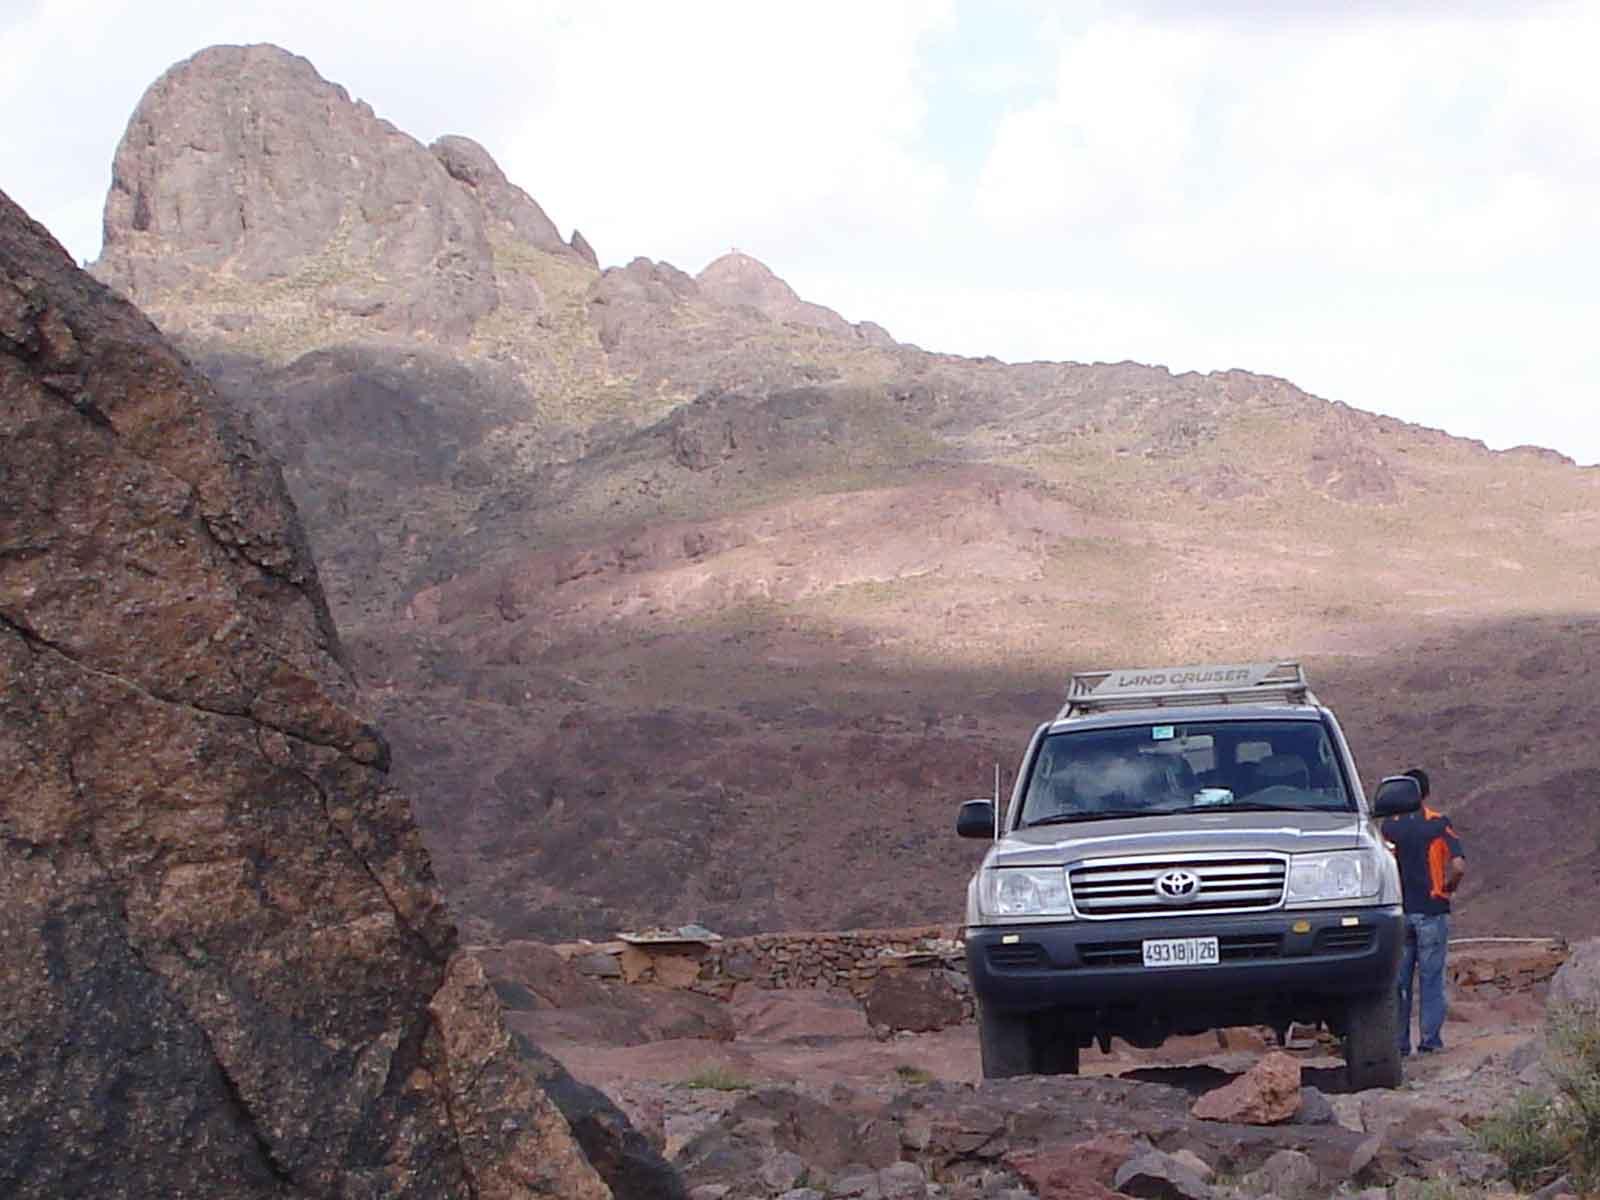 Morocco desert tour to zagora from marrakech - 2 days